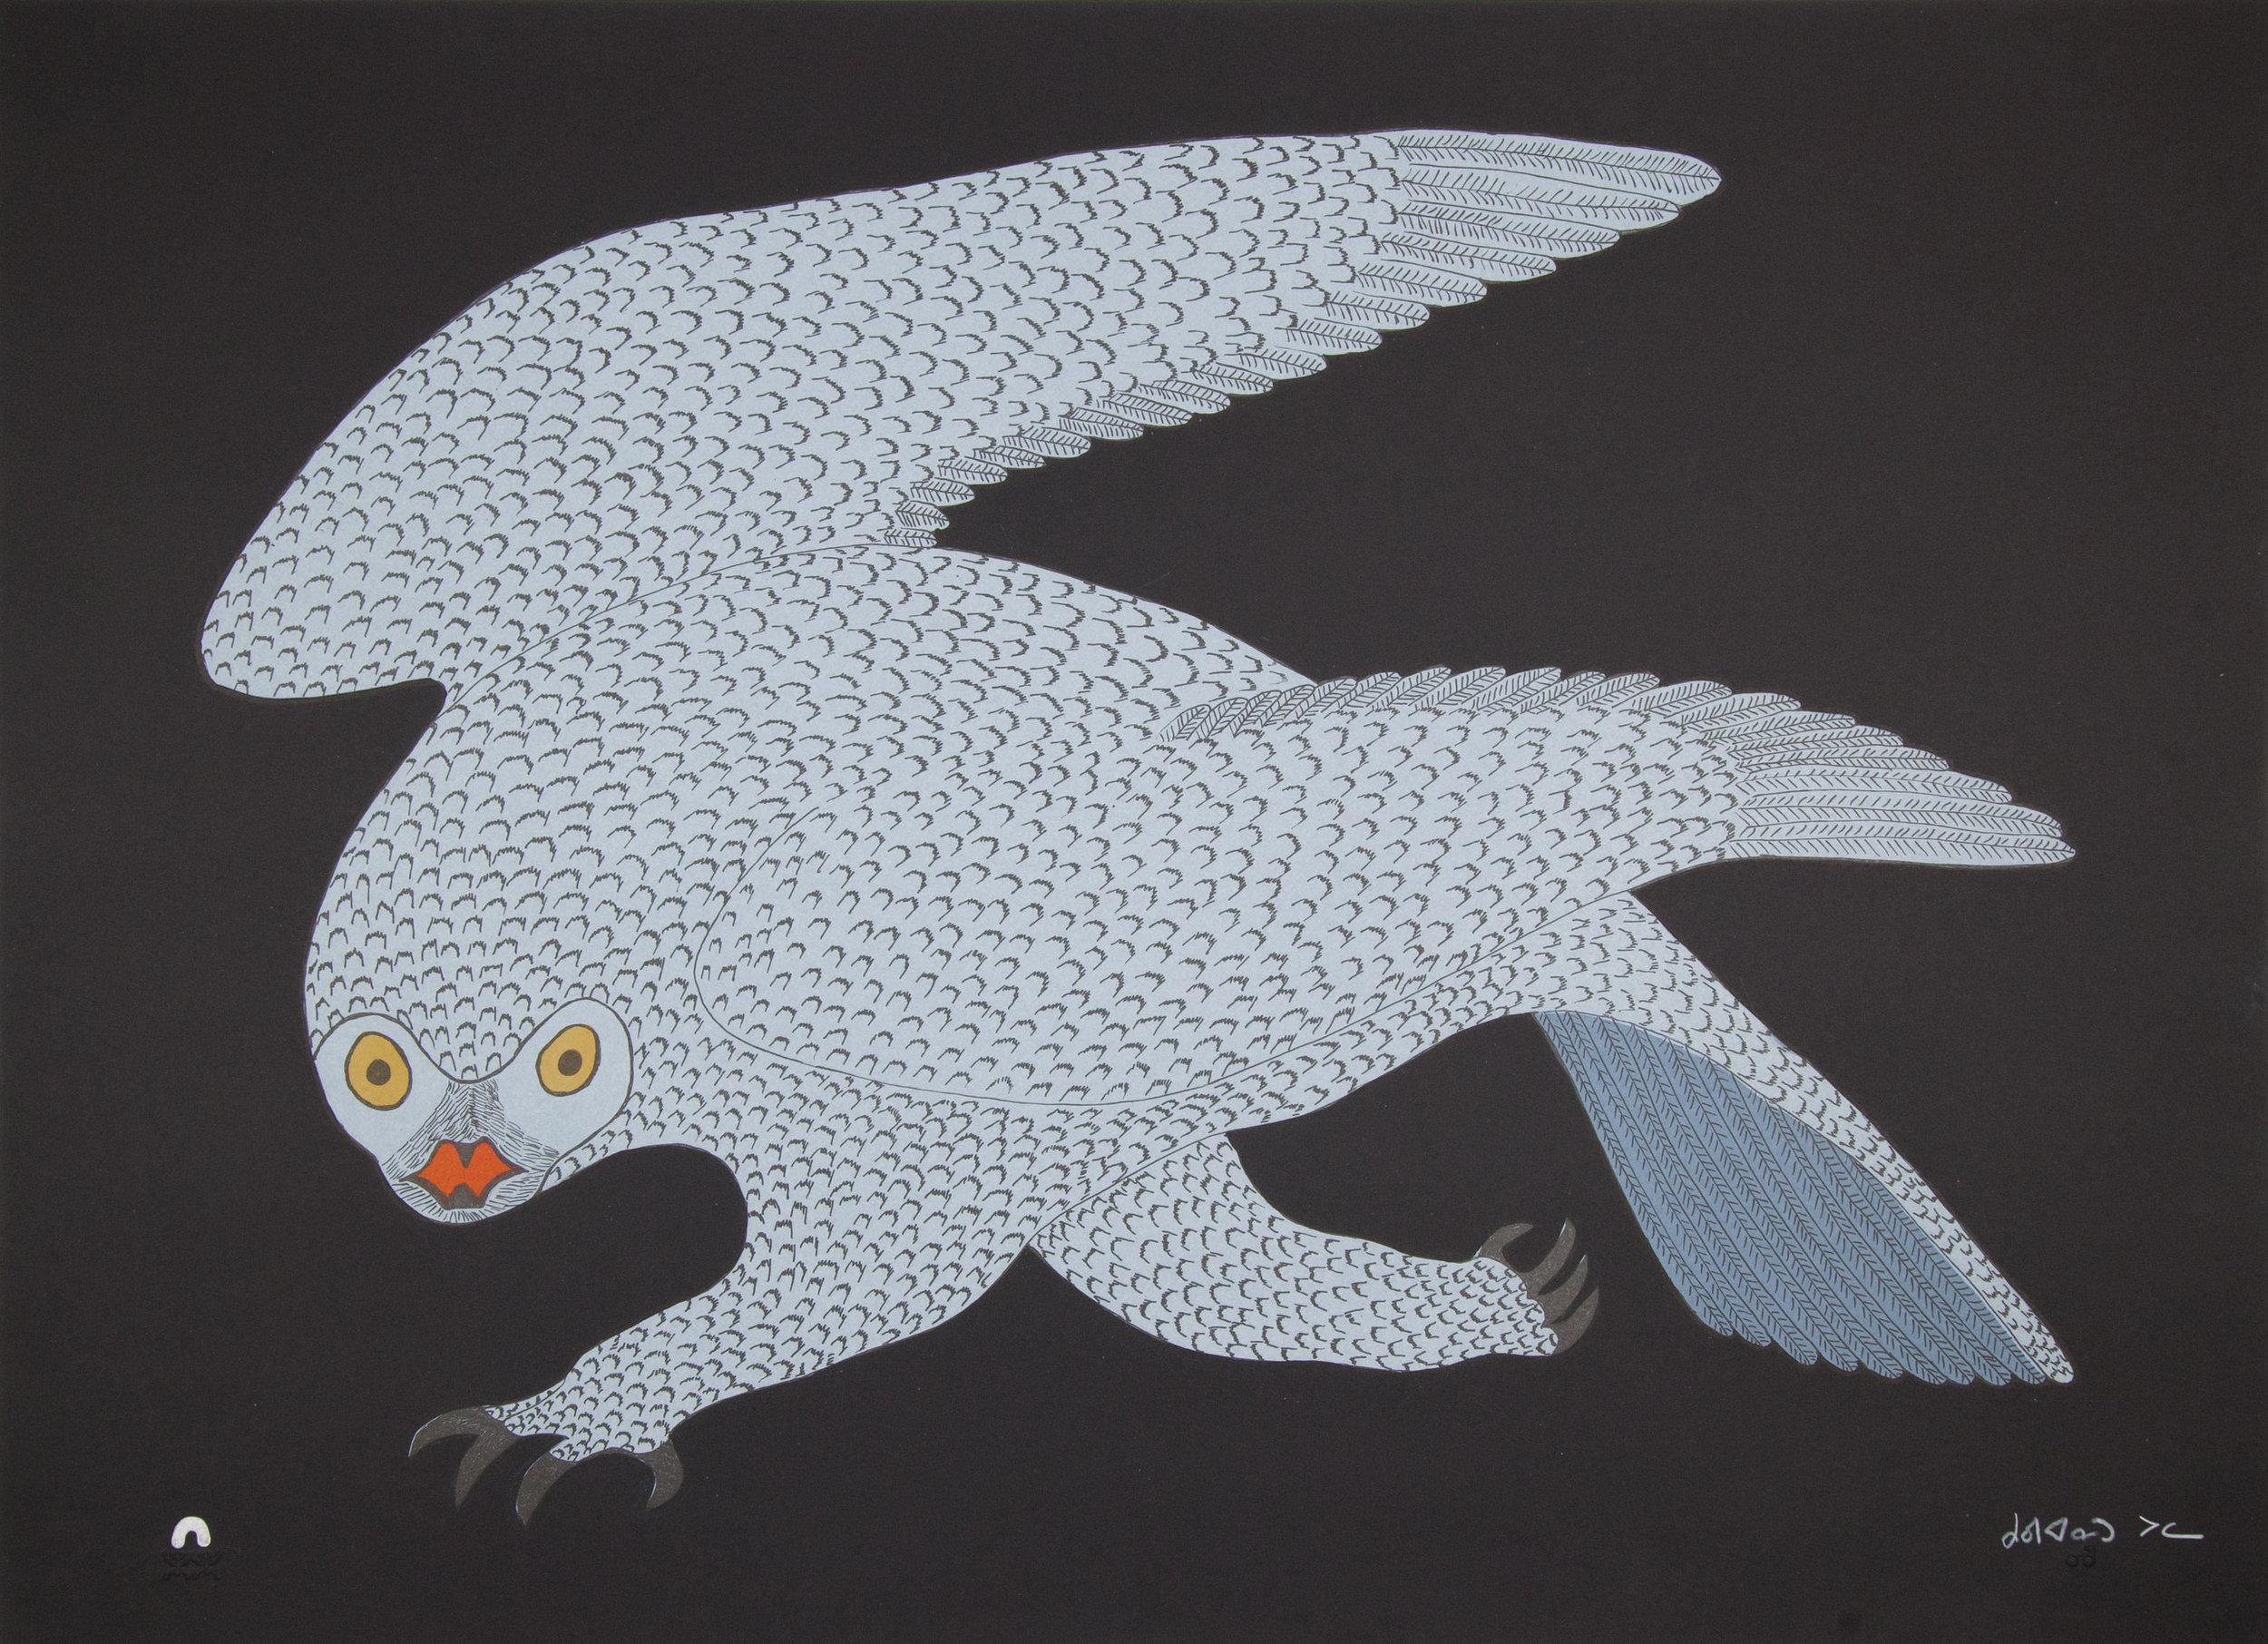 30. STALKING OWL